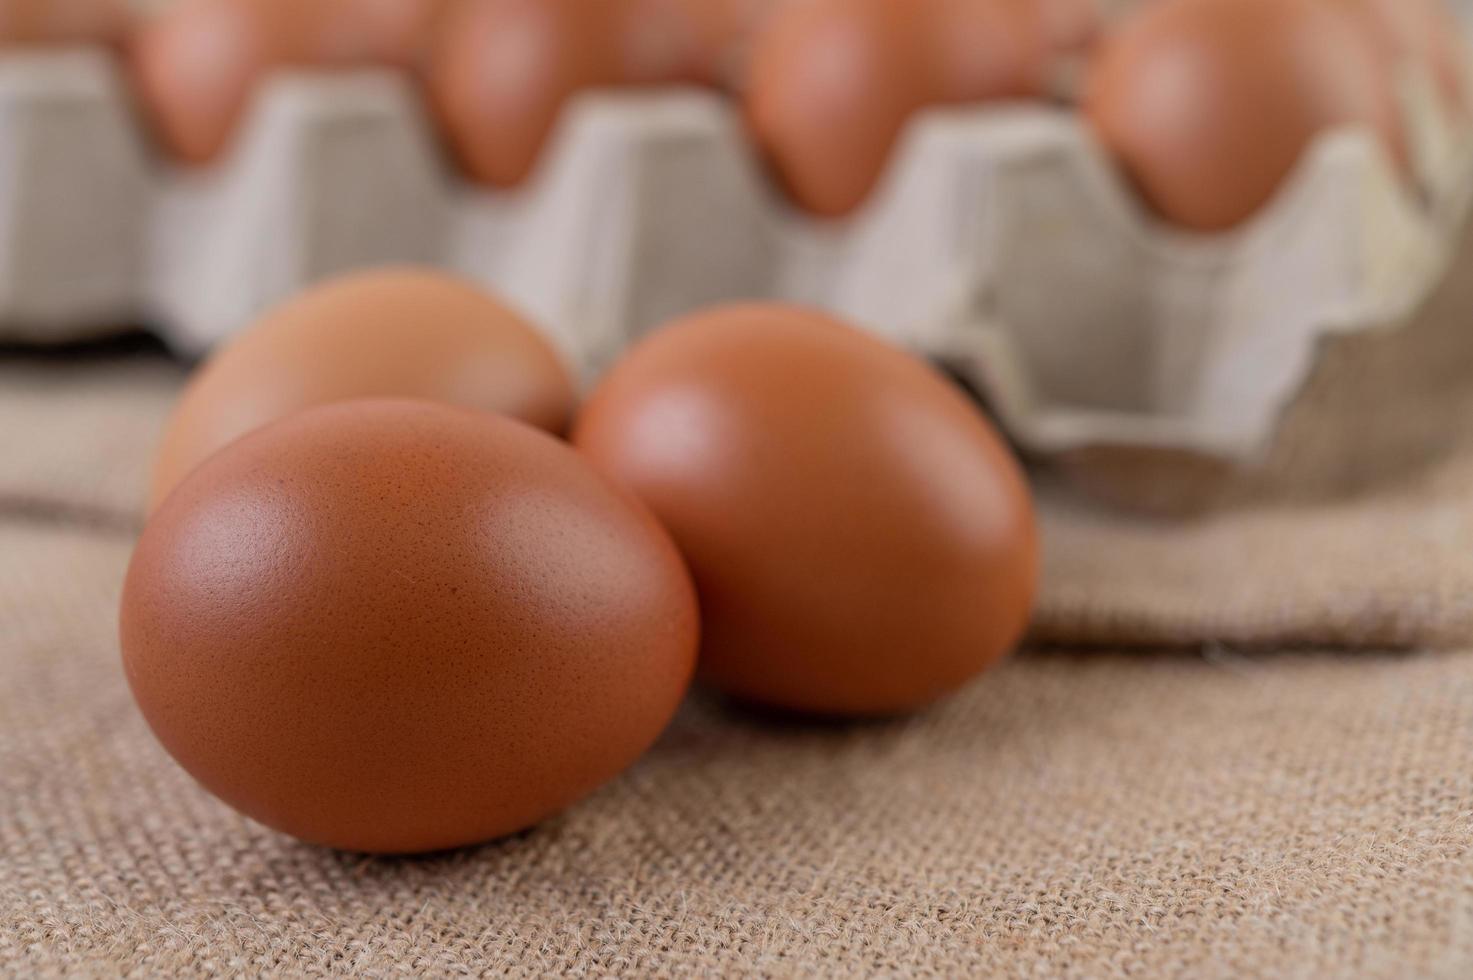 huevos de gallina orgánicos crudos foto